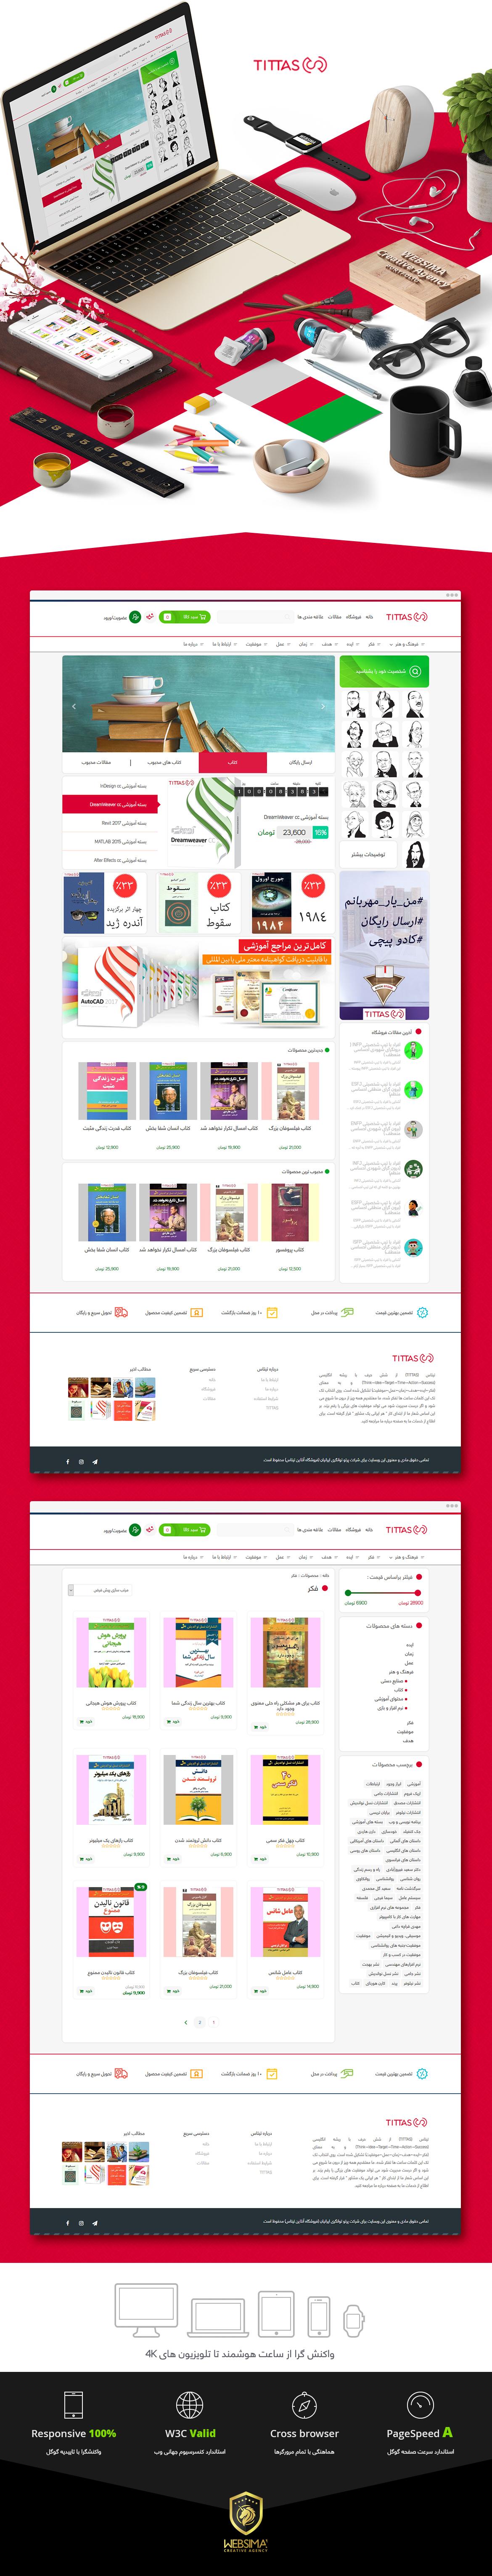 طراحی فروشگاه اینترنتی کتاب